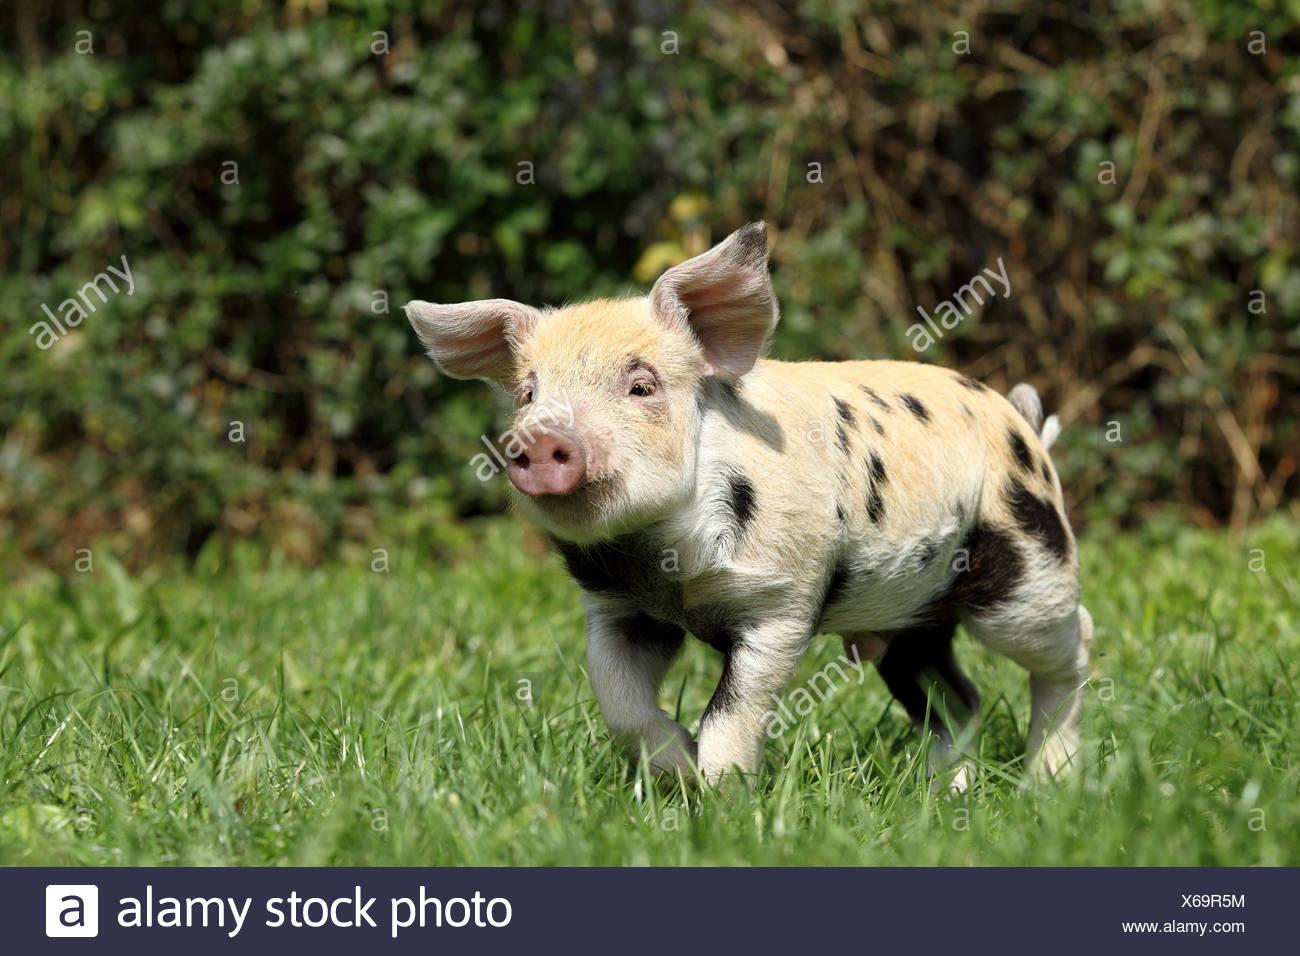 Hausschwein, Turopolje x?. Ferkel (3 Wochen alt) Trab auf einer Wiese. Deutschland Stockbild